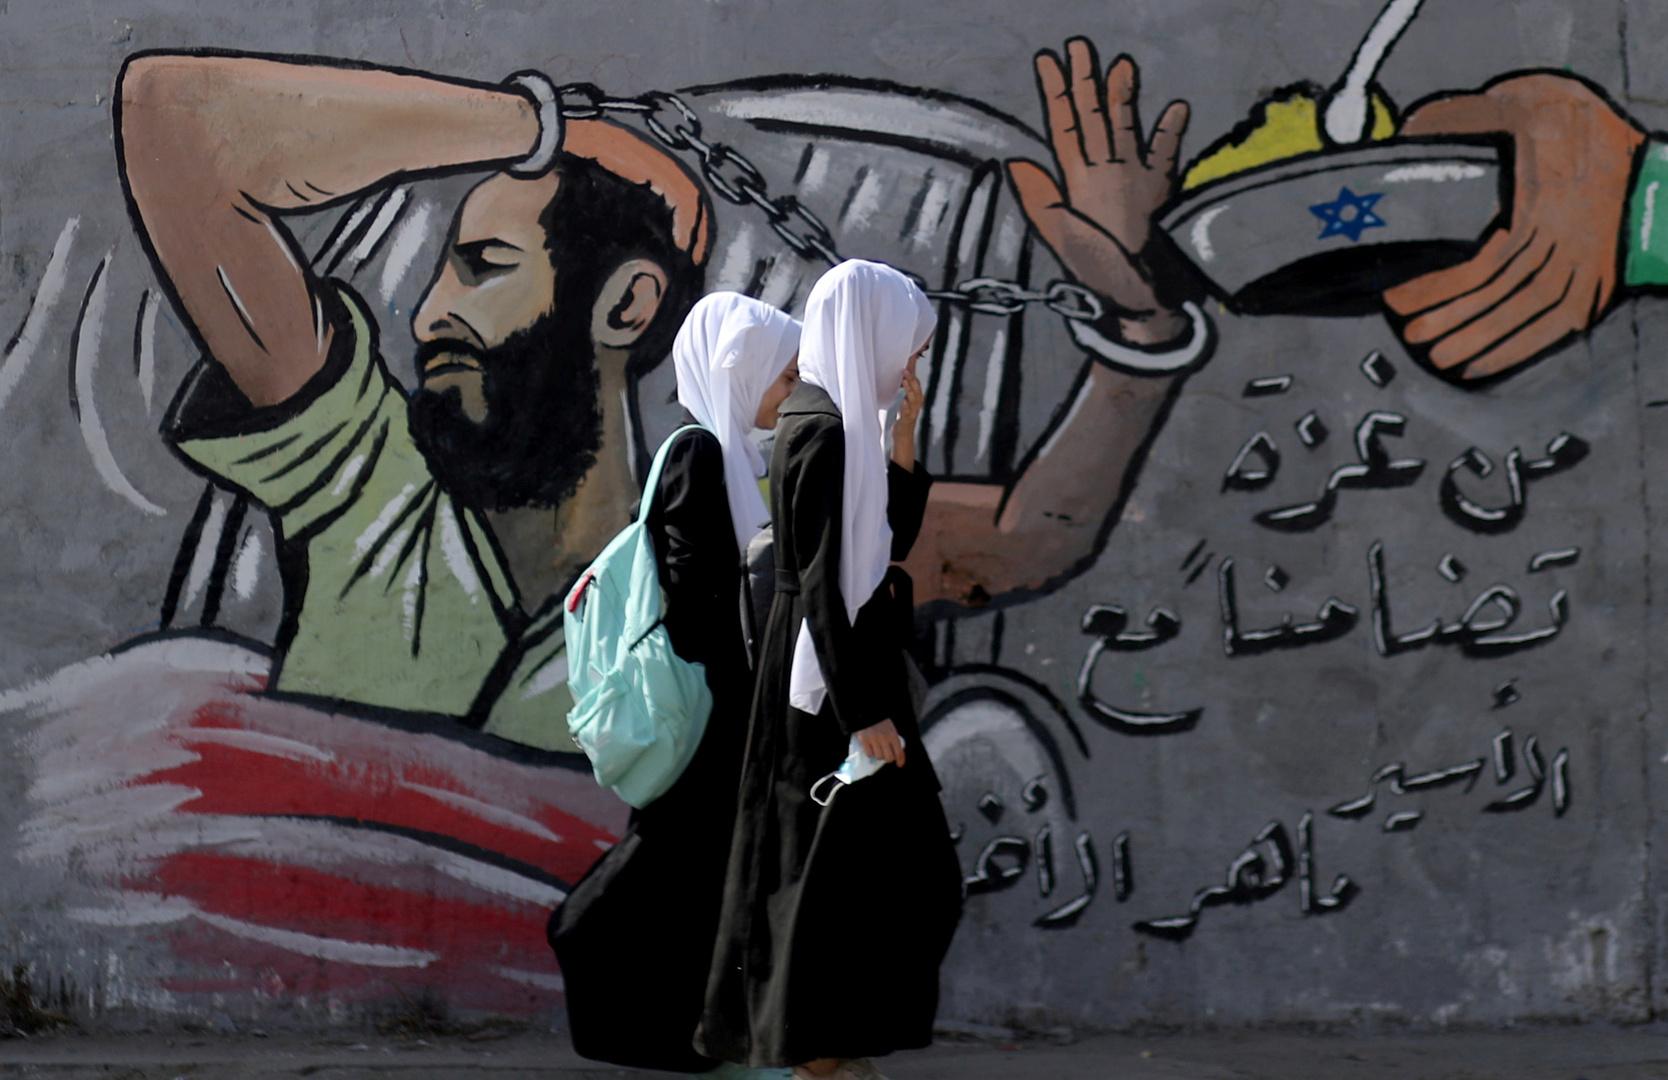 4500 أسير فلسطيني في السجون الإسرائيلية بينهم 140 طفلا و41 امرأة